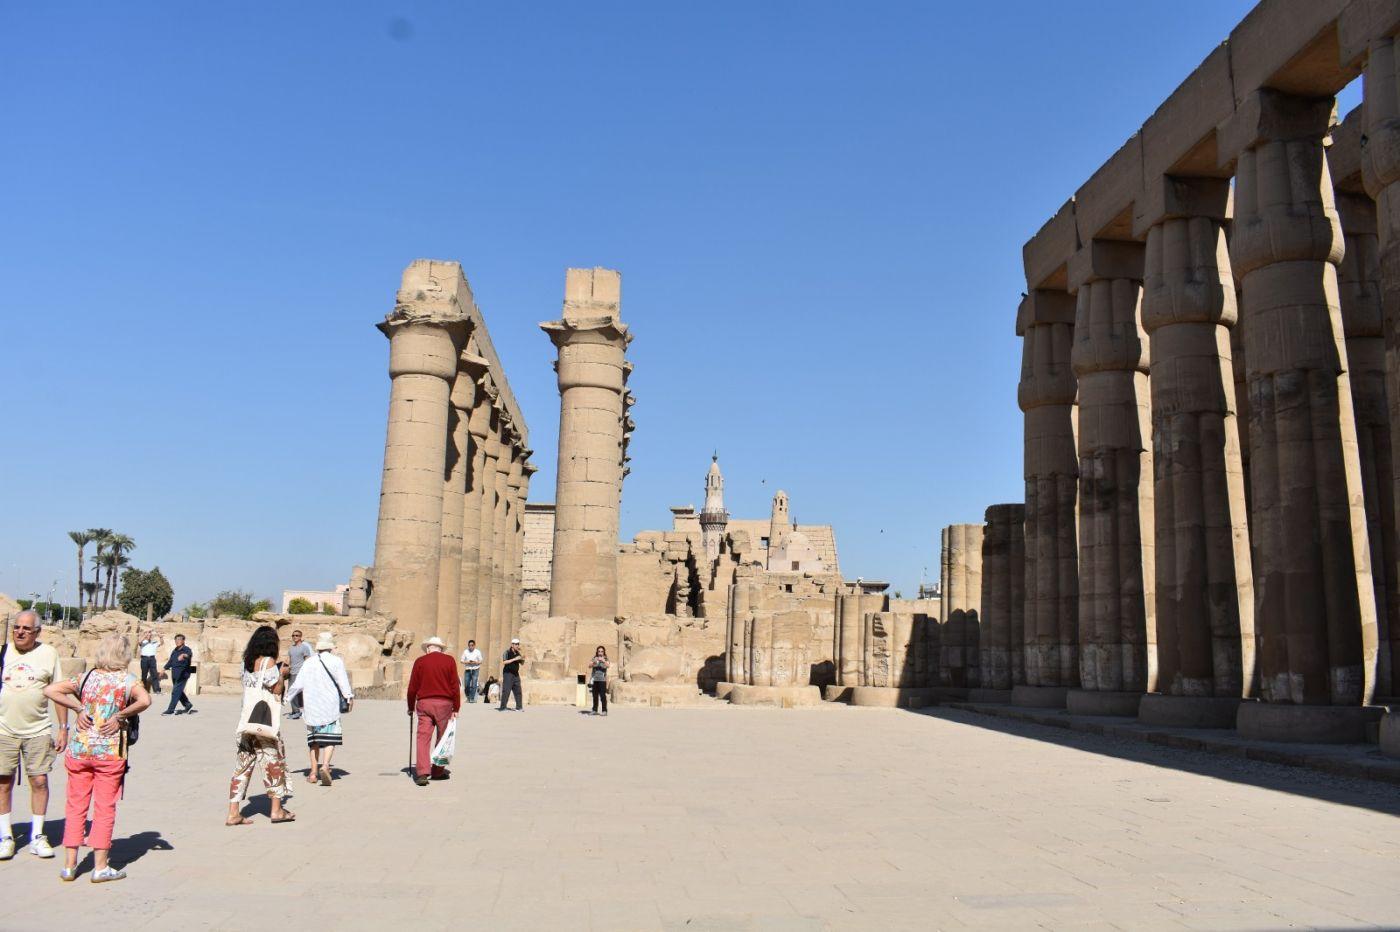 埃德富神庙和卢克索神庙_图1-36